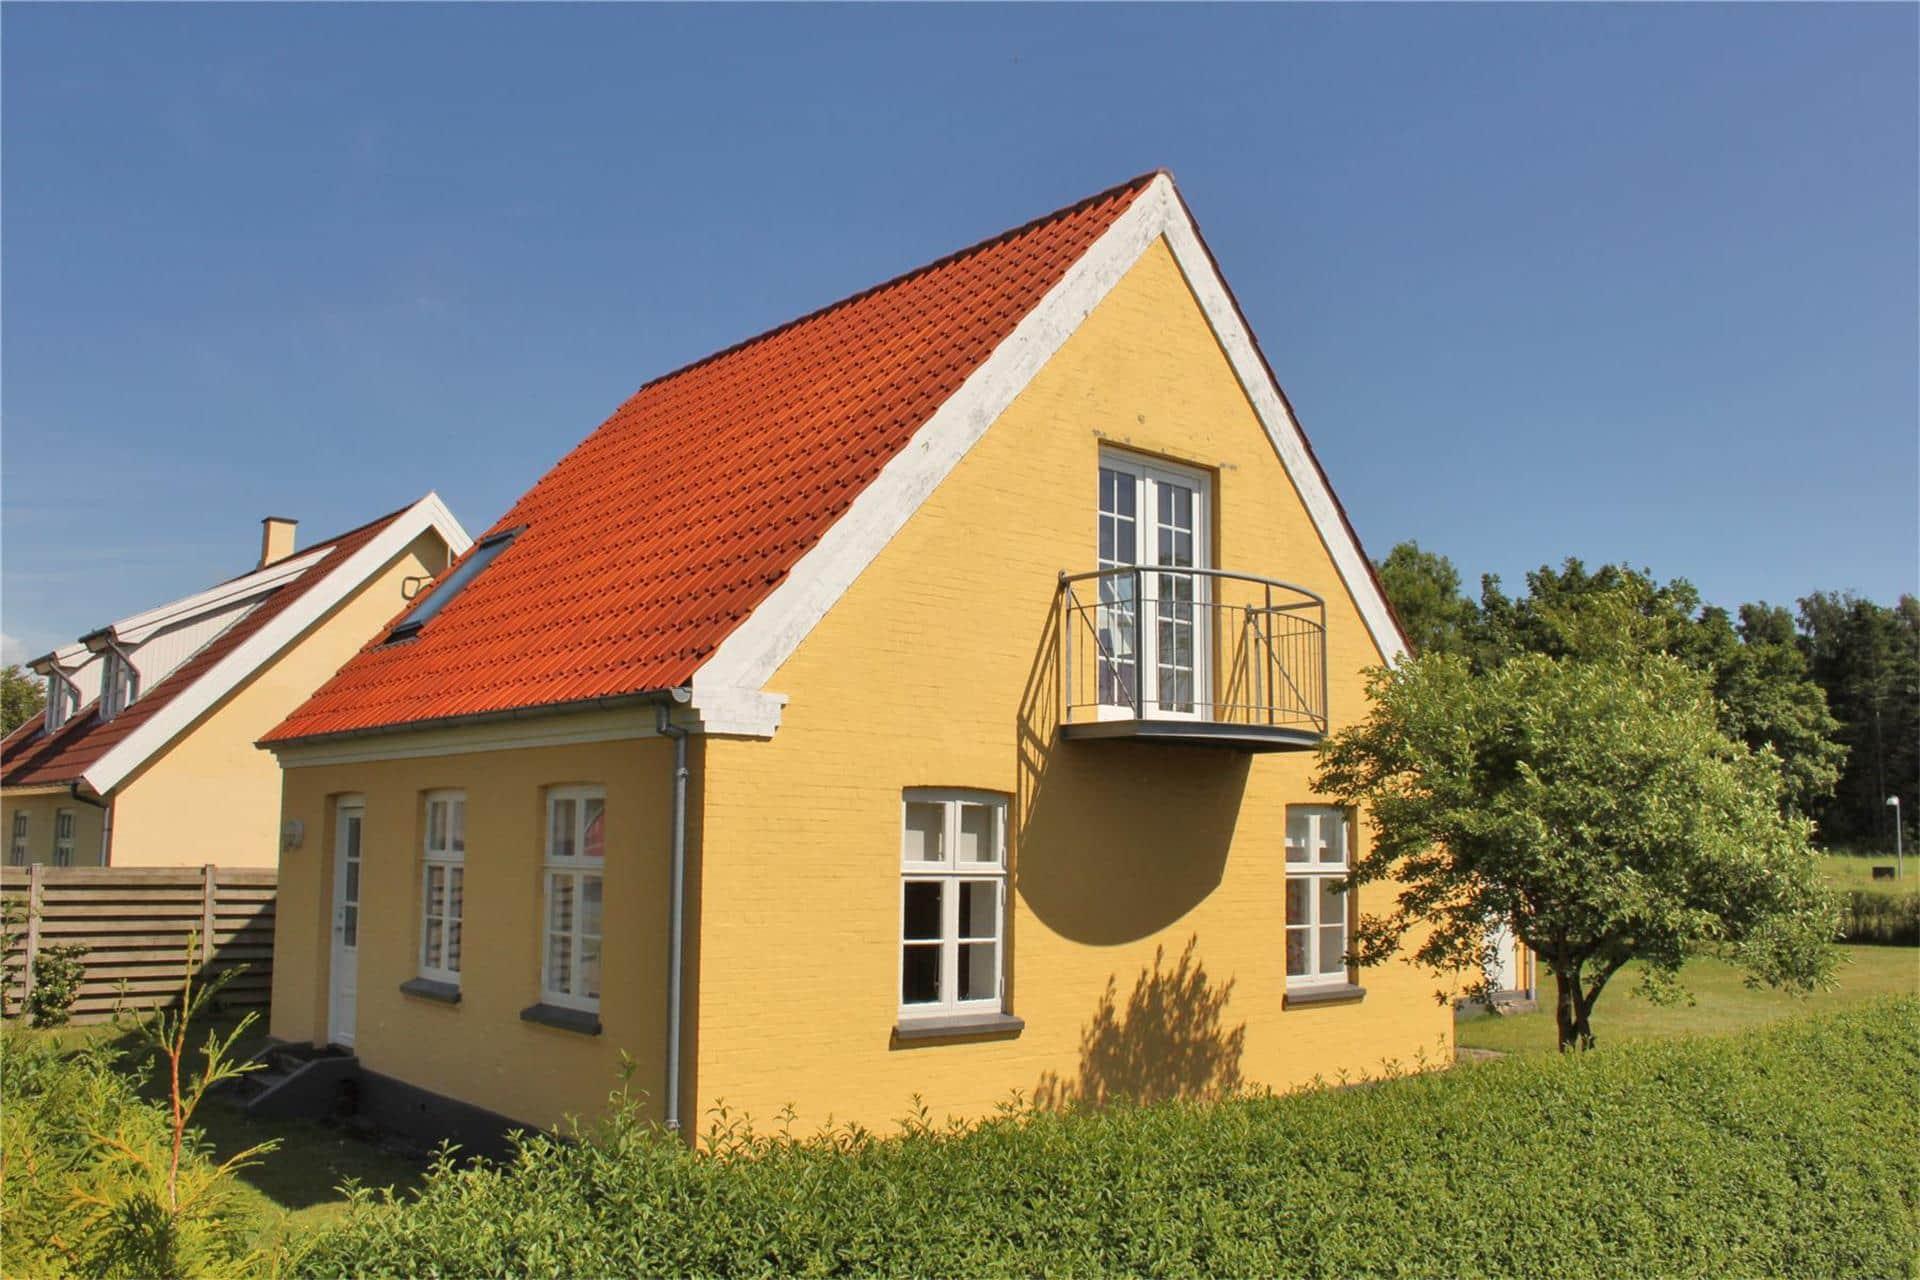 Billede 1-3 Sommerhus M65433, Violstræde 13, DK - 5642 Faaborg